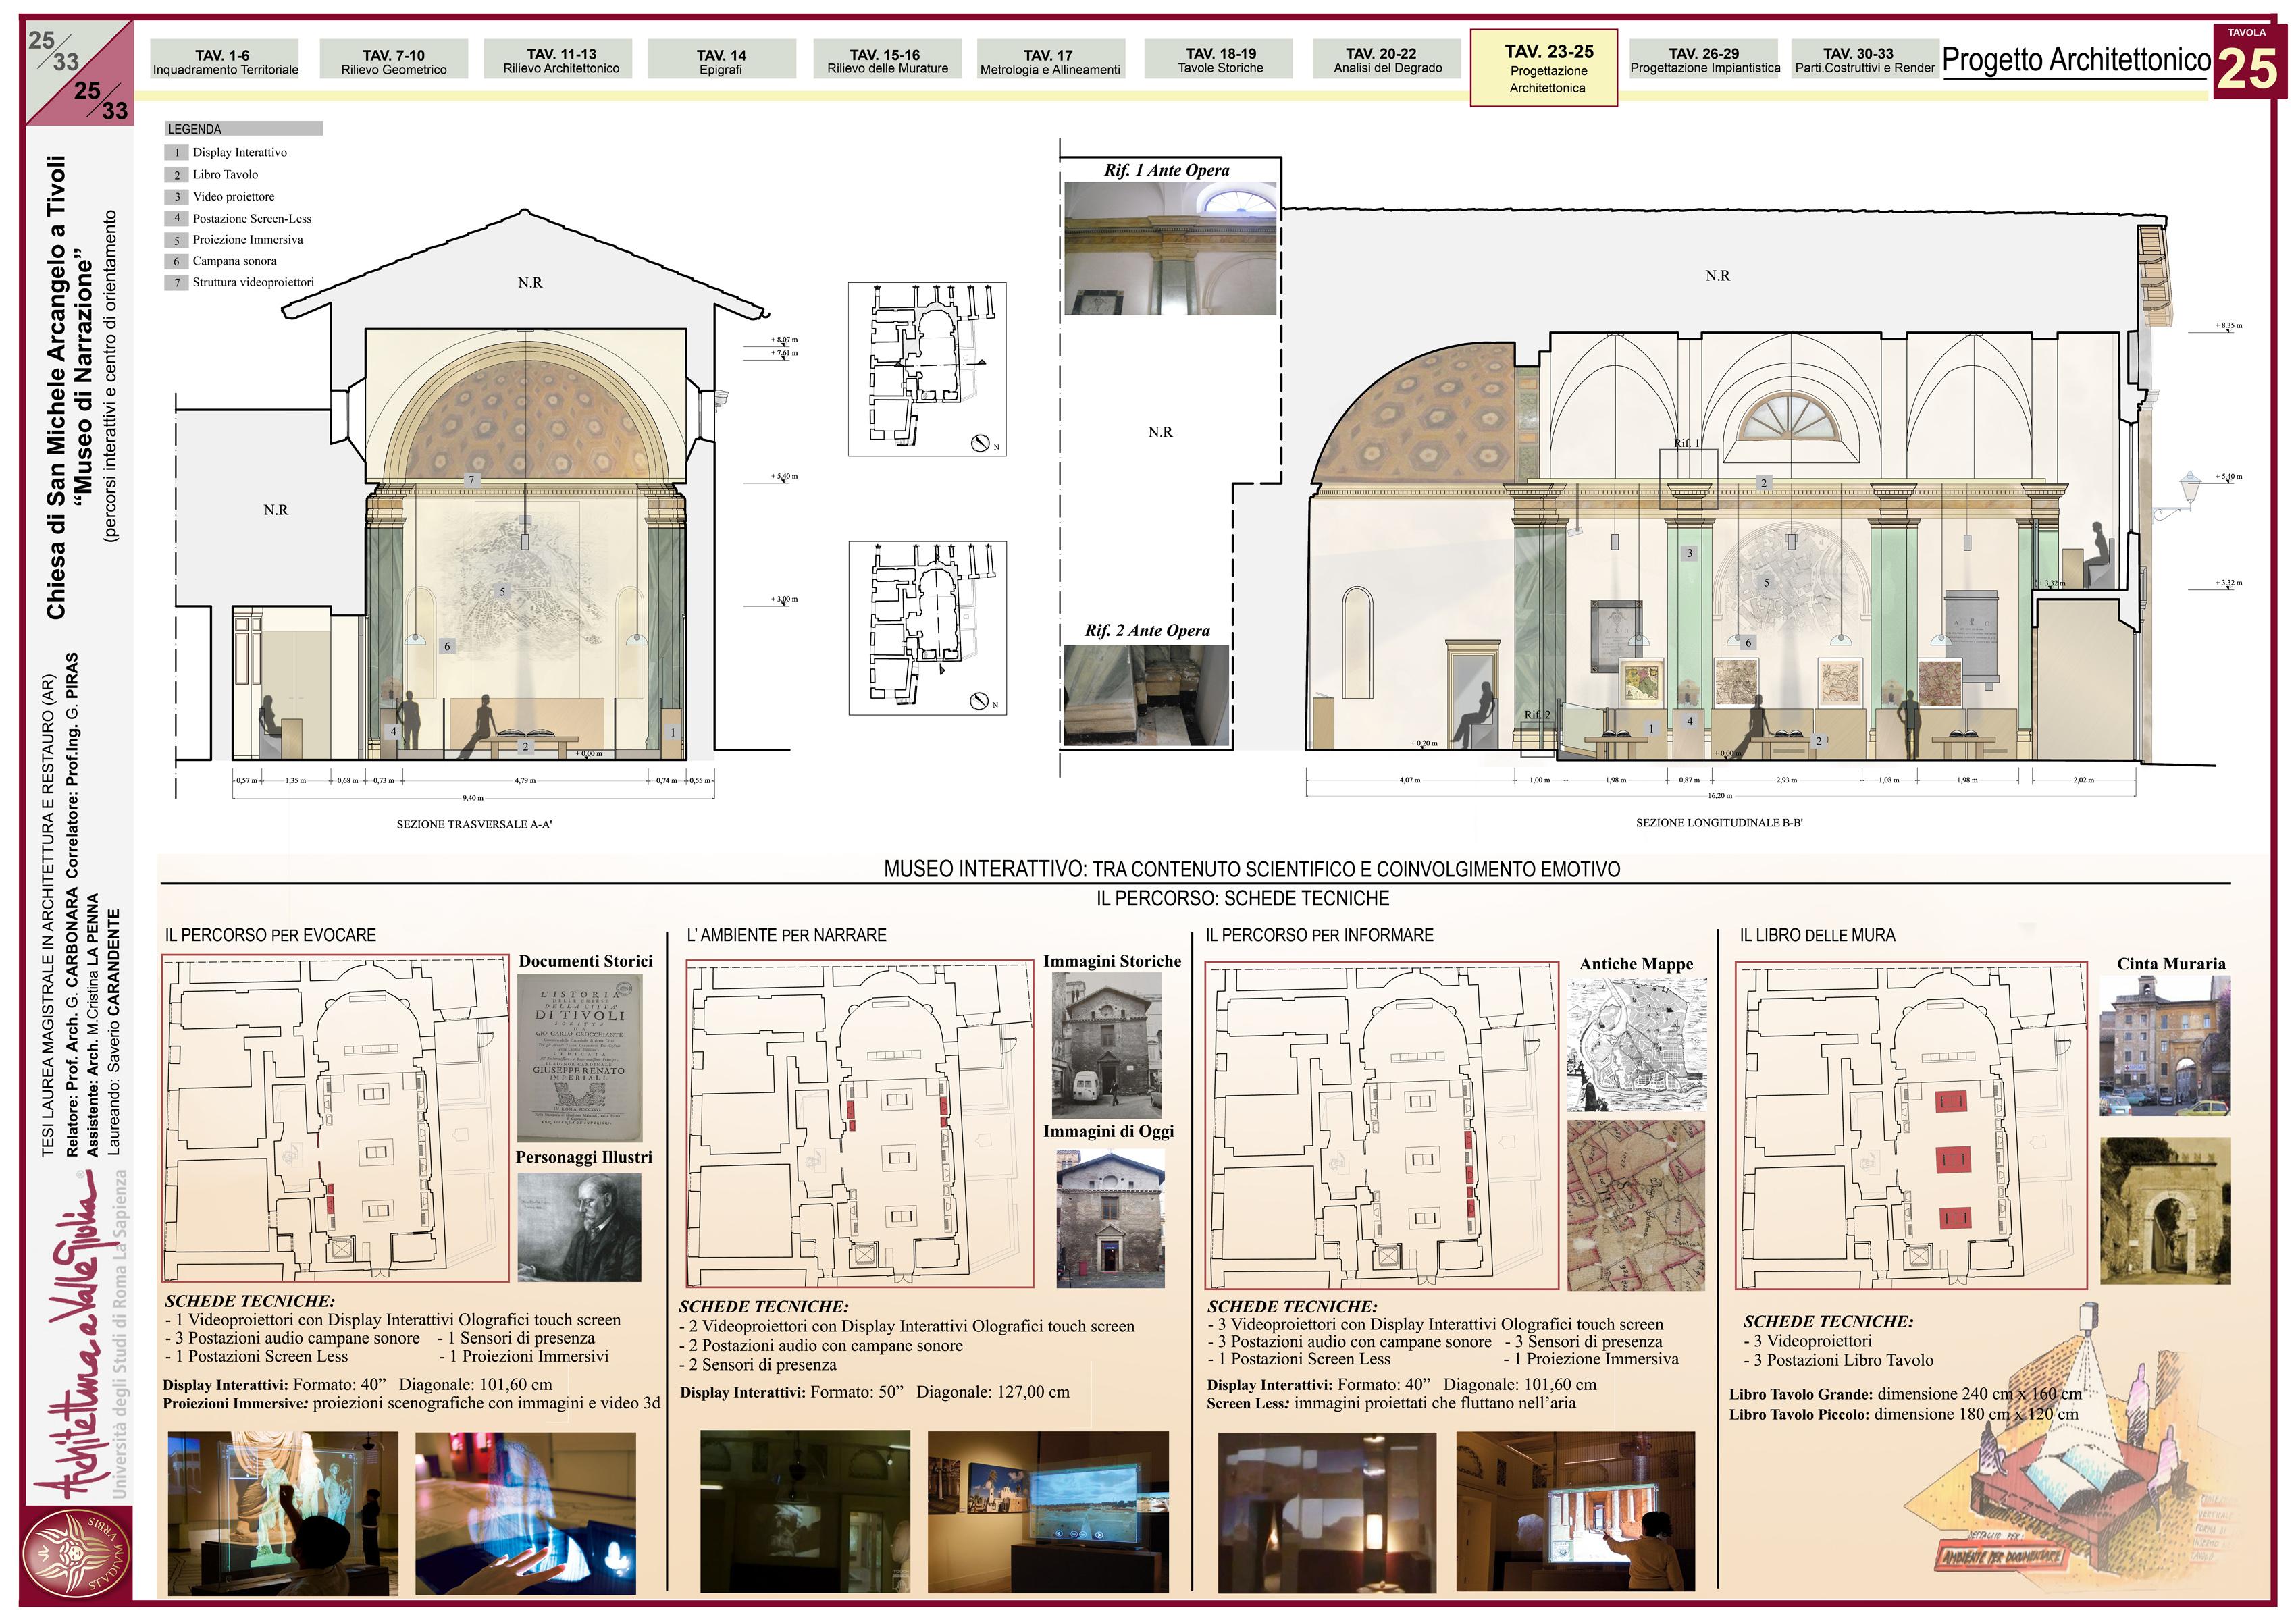 Tesi di laurea in architettura di s carandente e s ciotti for Disegno di architettura online